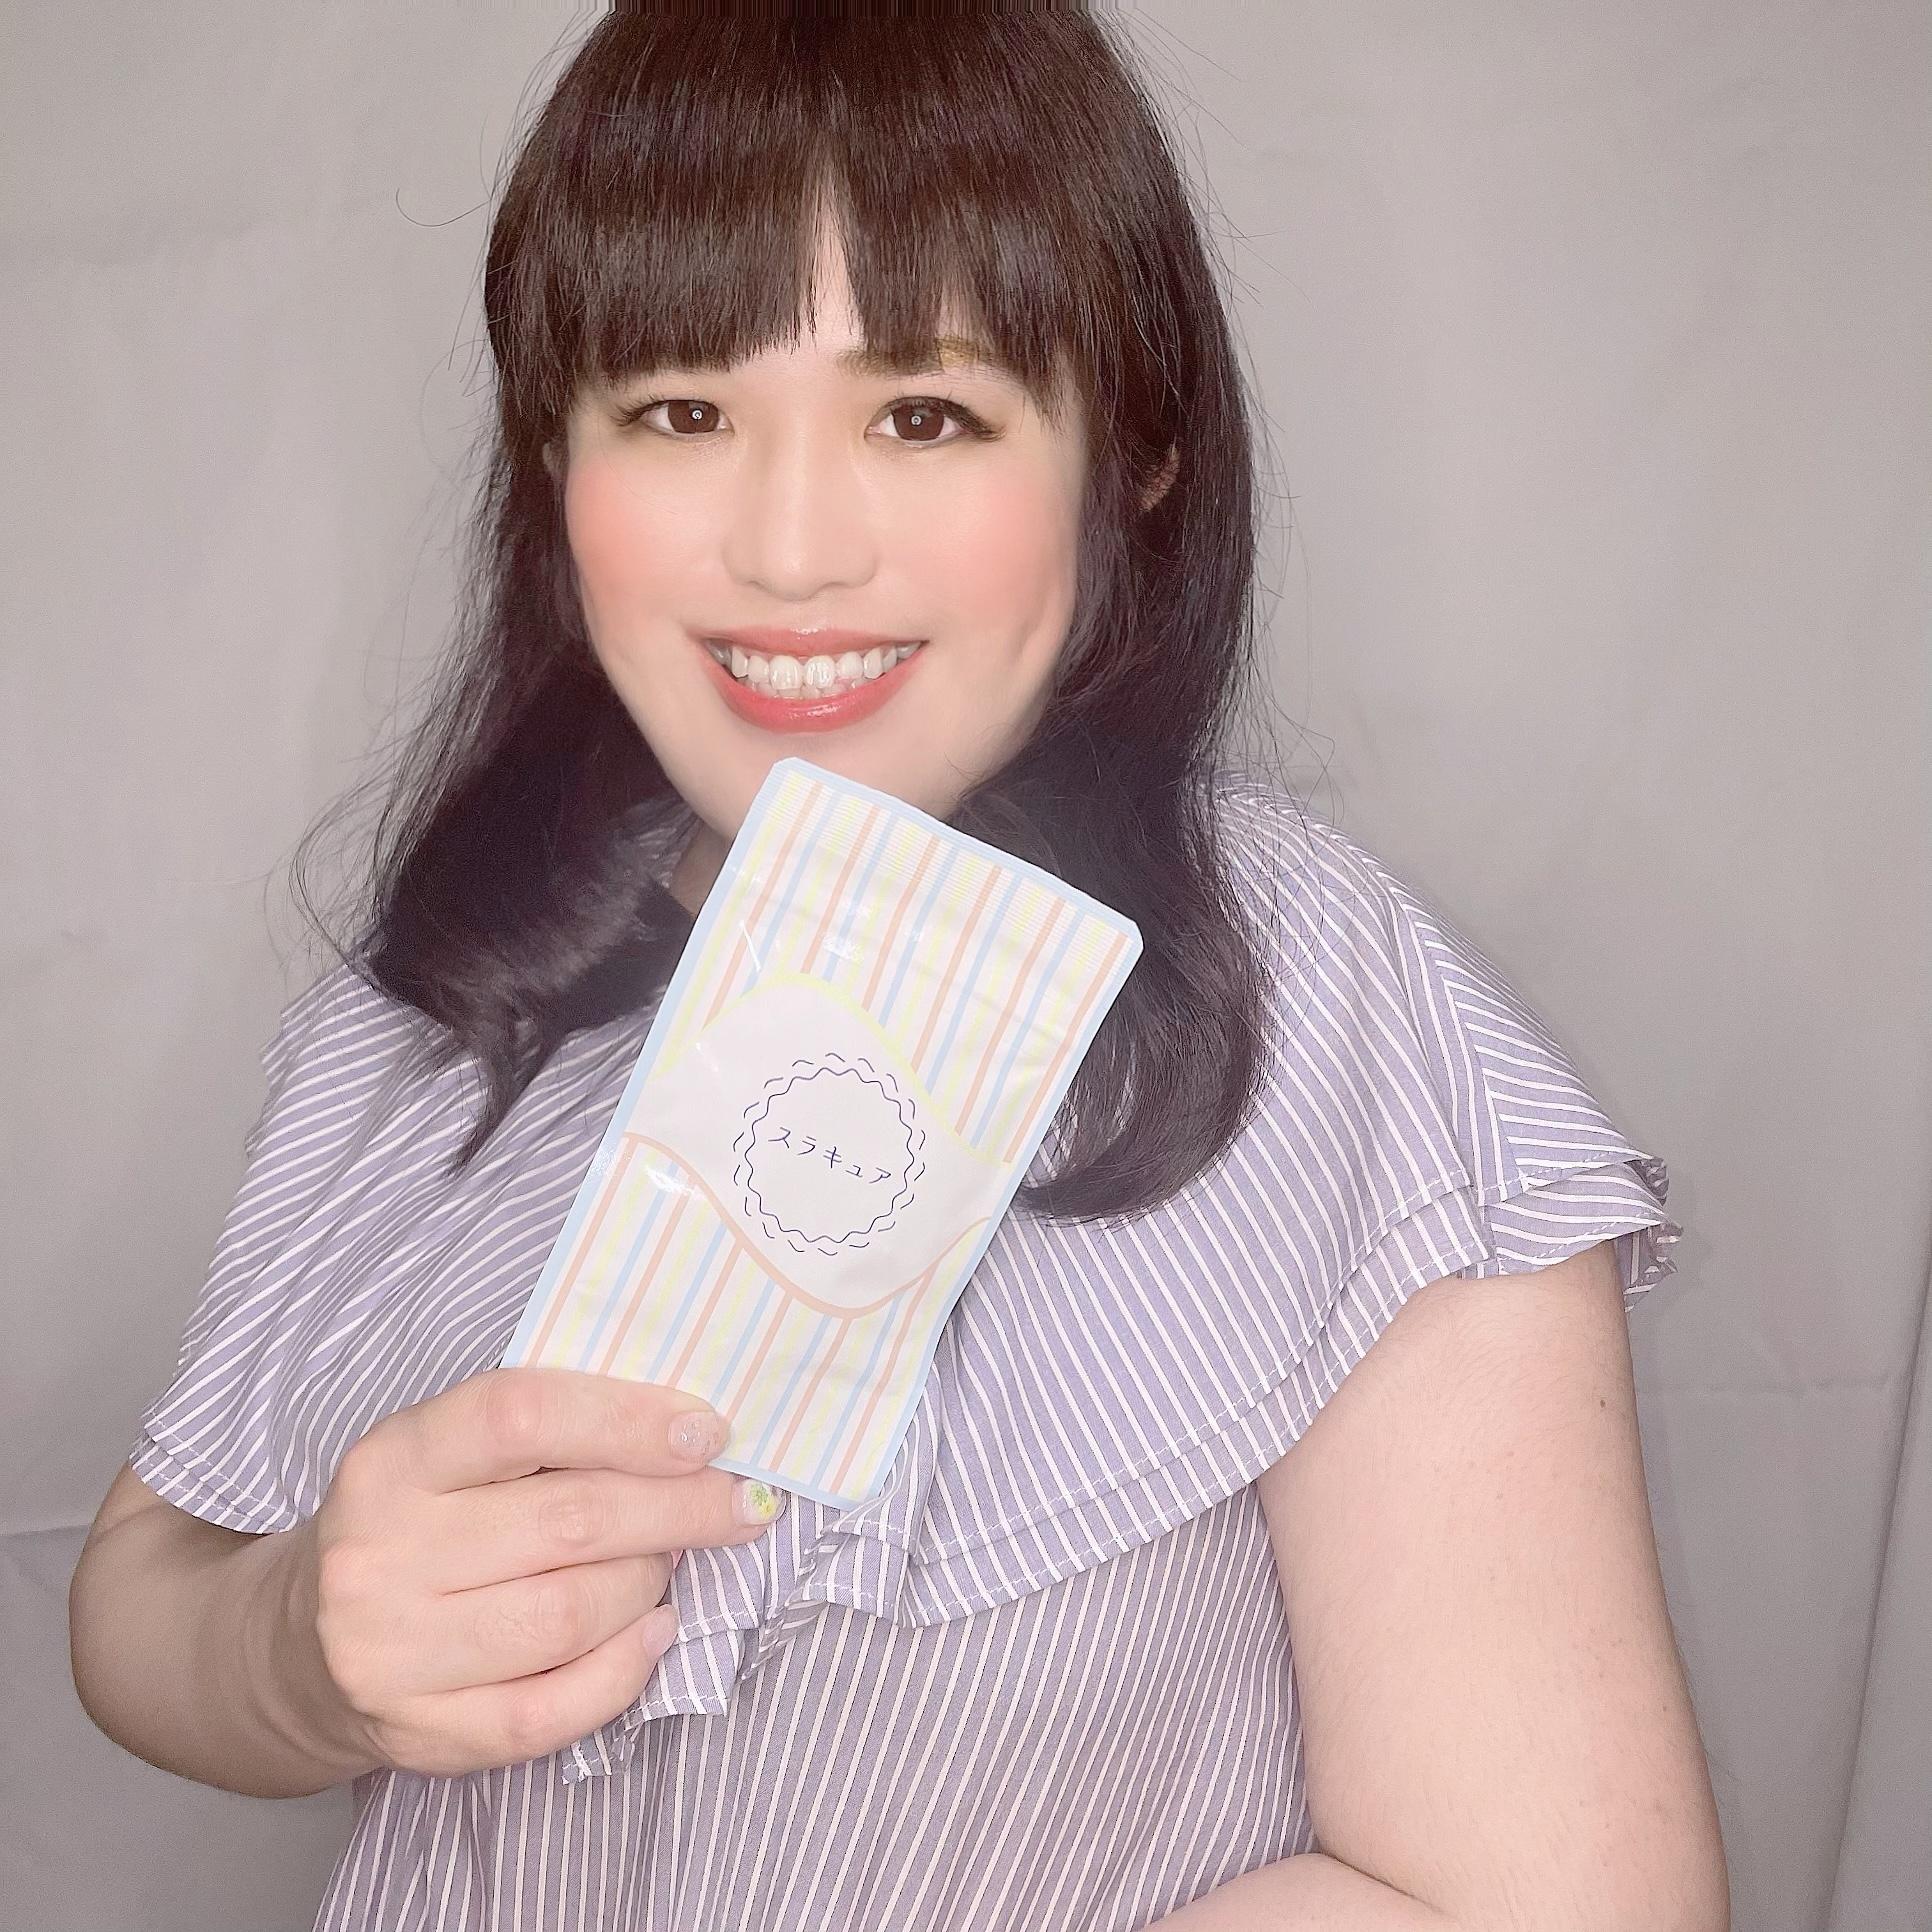 デルソル スラキュアの良い点・メリットに関する倉吉 伶奈さんの口コミ画像3